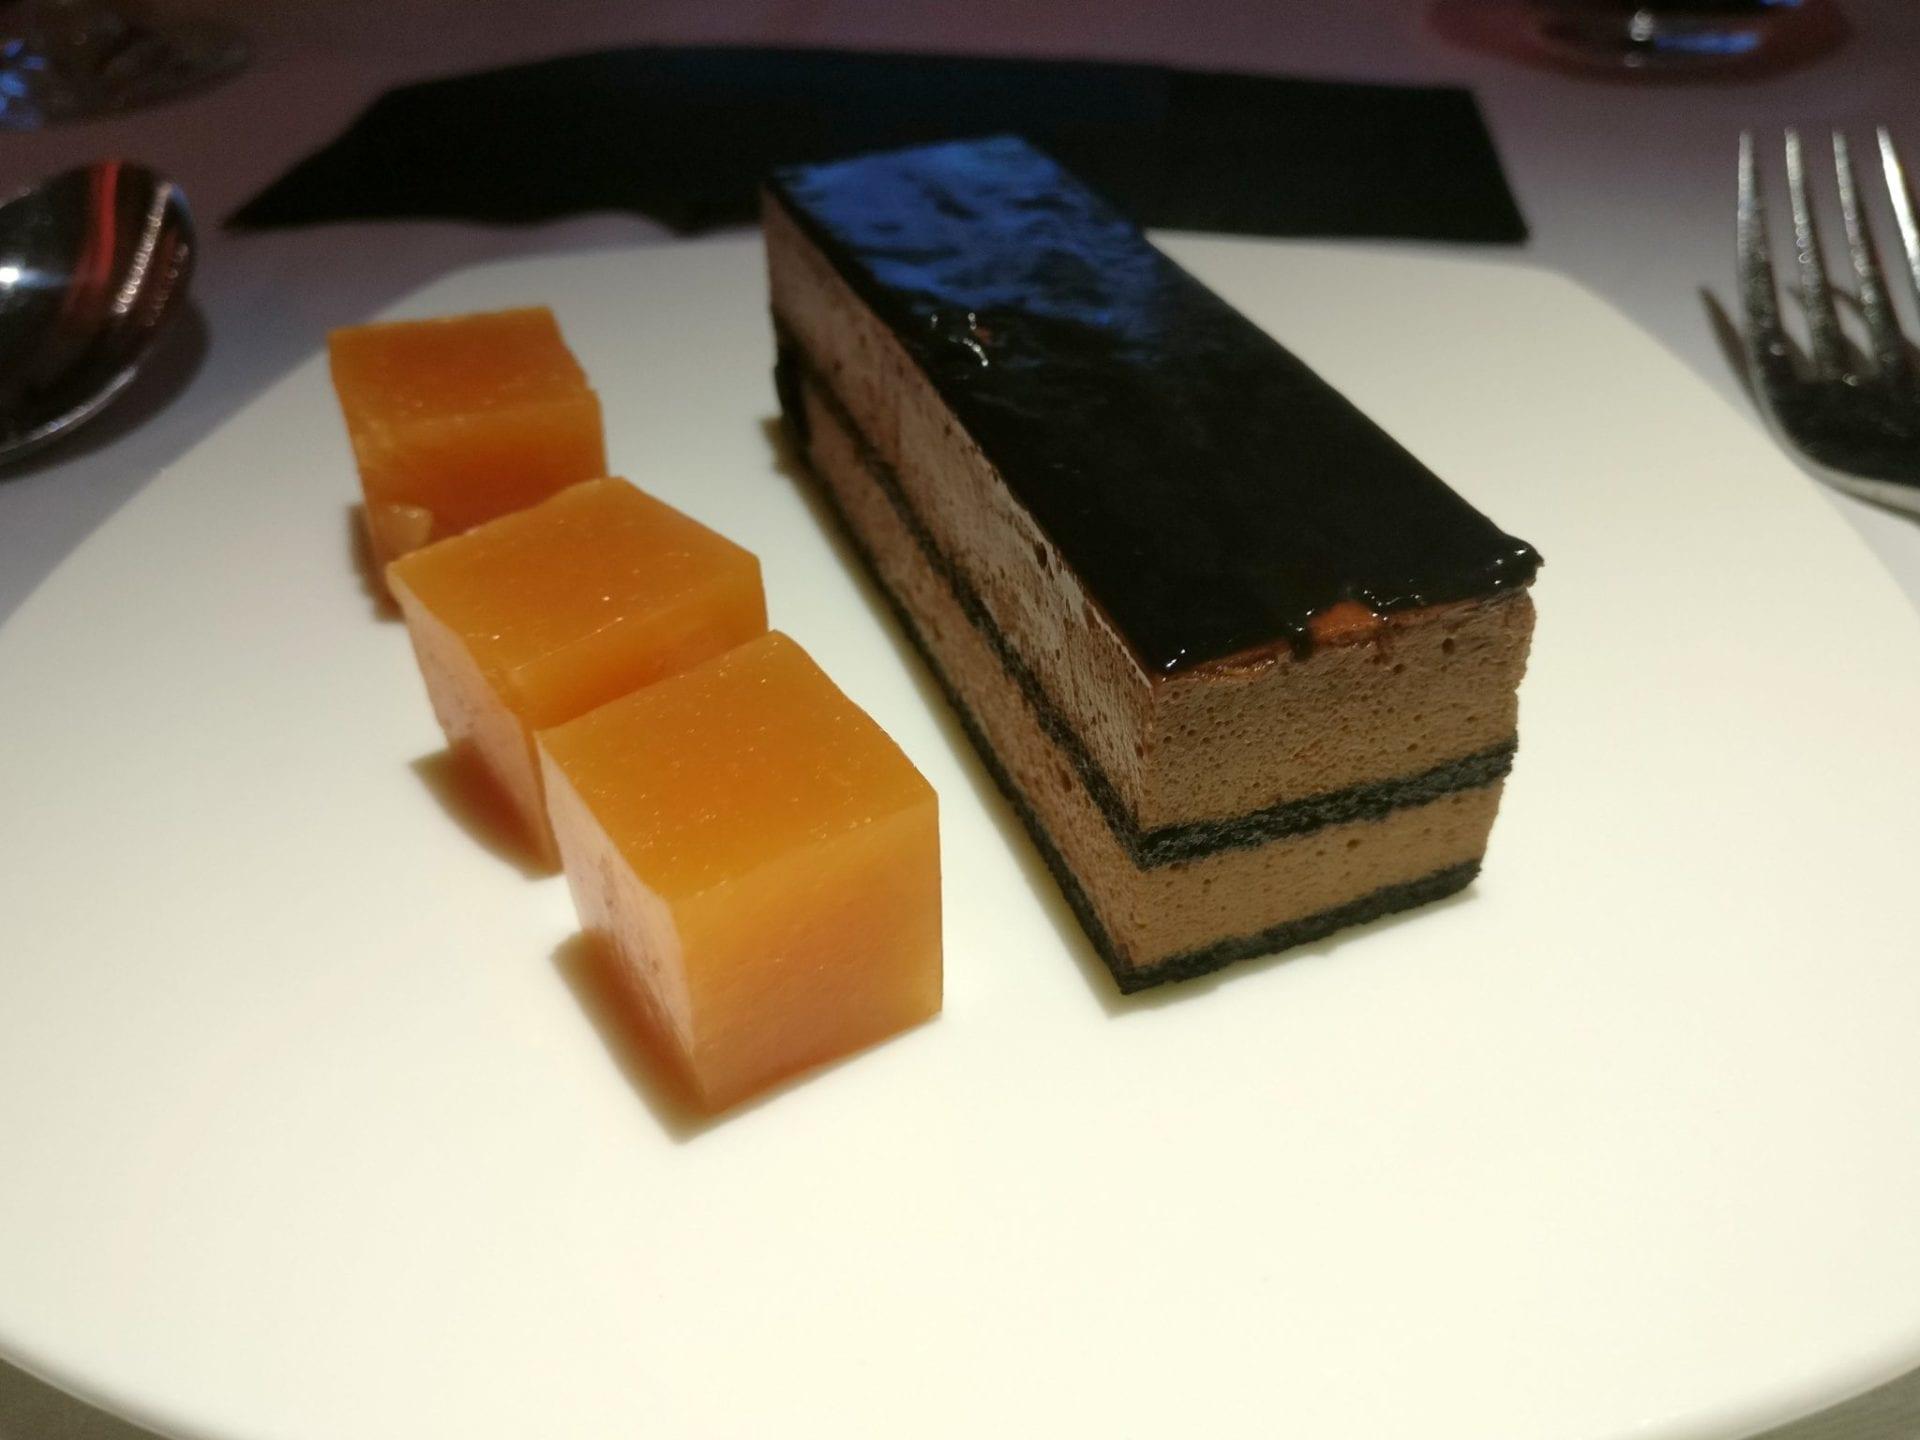 dessert-etihad-a380-business-class